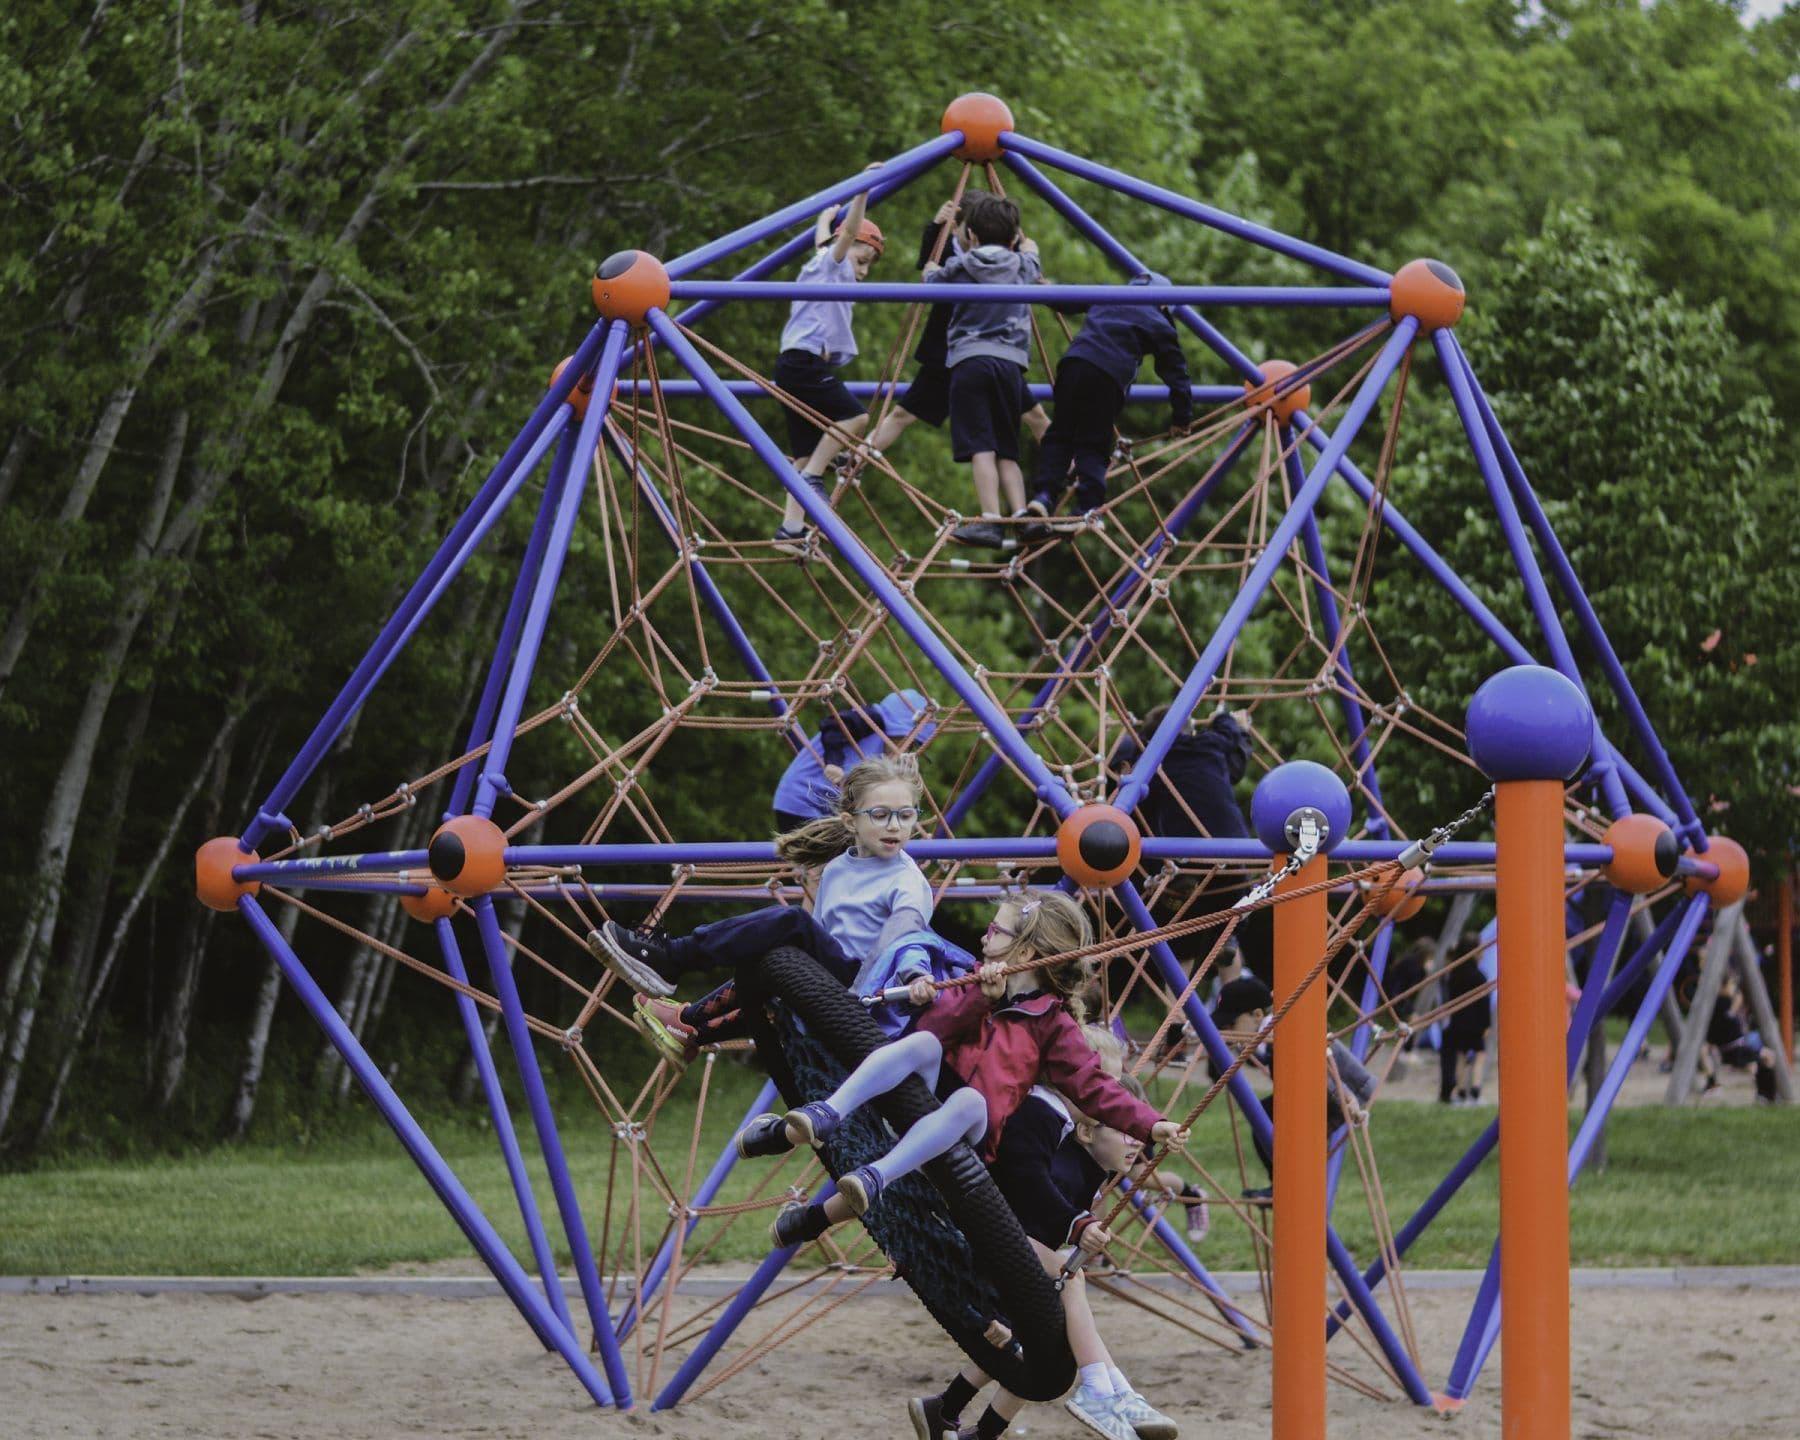 Académie-des-Sacrés-Coeurs-Saint-Bruno-de-Montarville-Enfants-Jouant-Modules-de-Jeux-Extérieurs